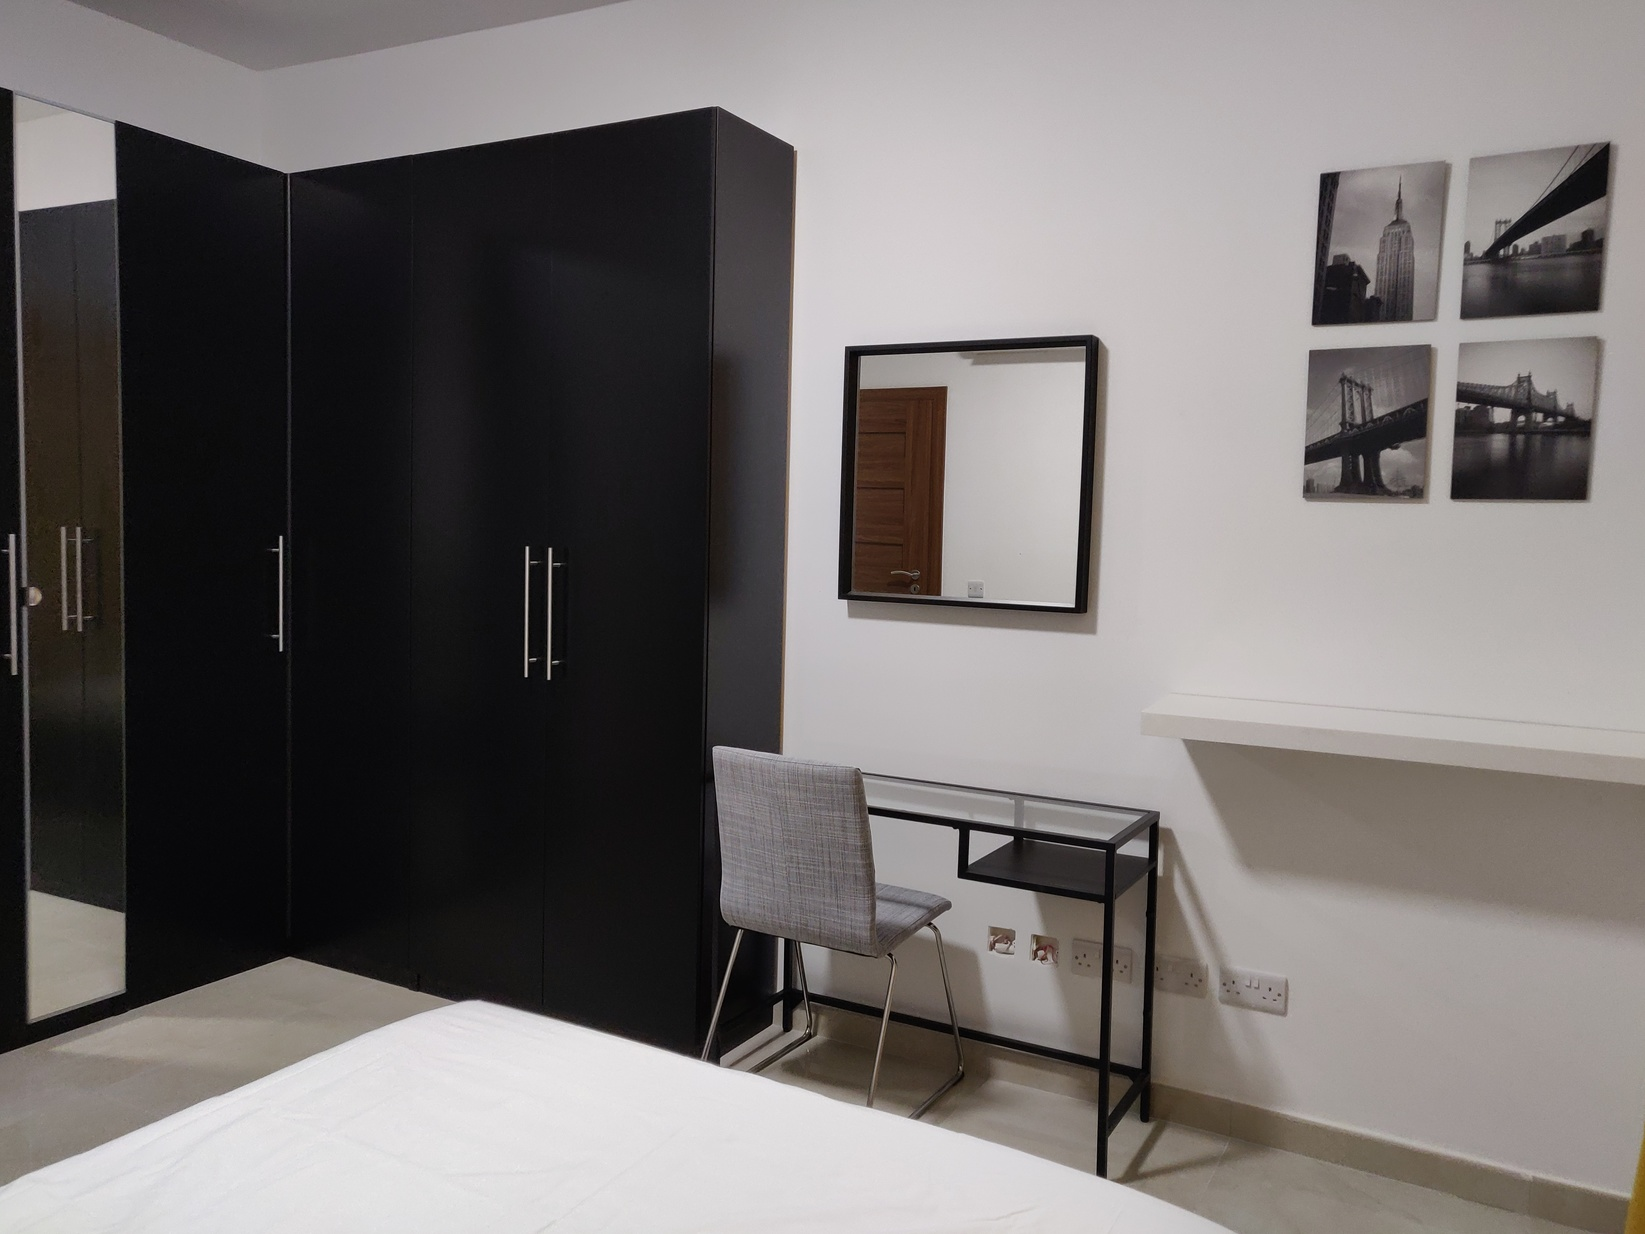 3 bed Apartment For Rent in San Gwann, San Gwann - thumb 15